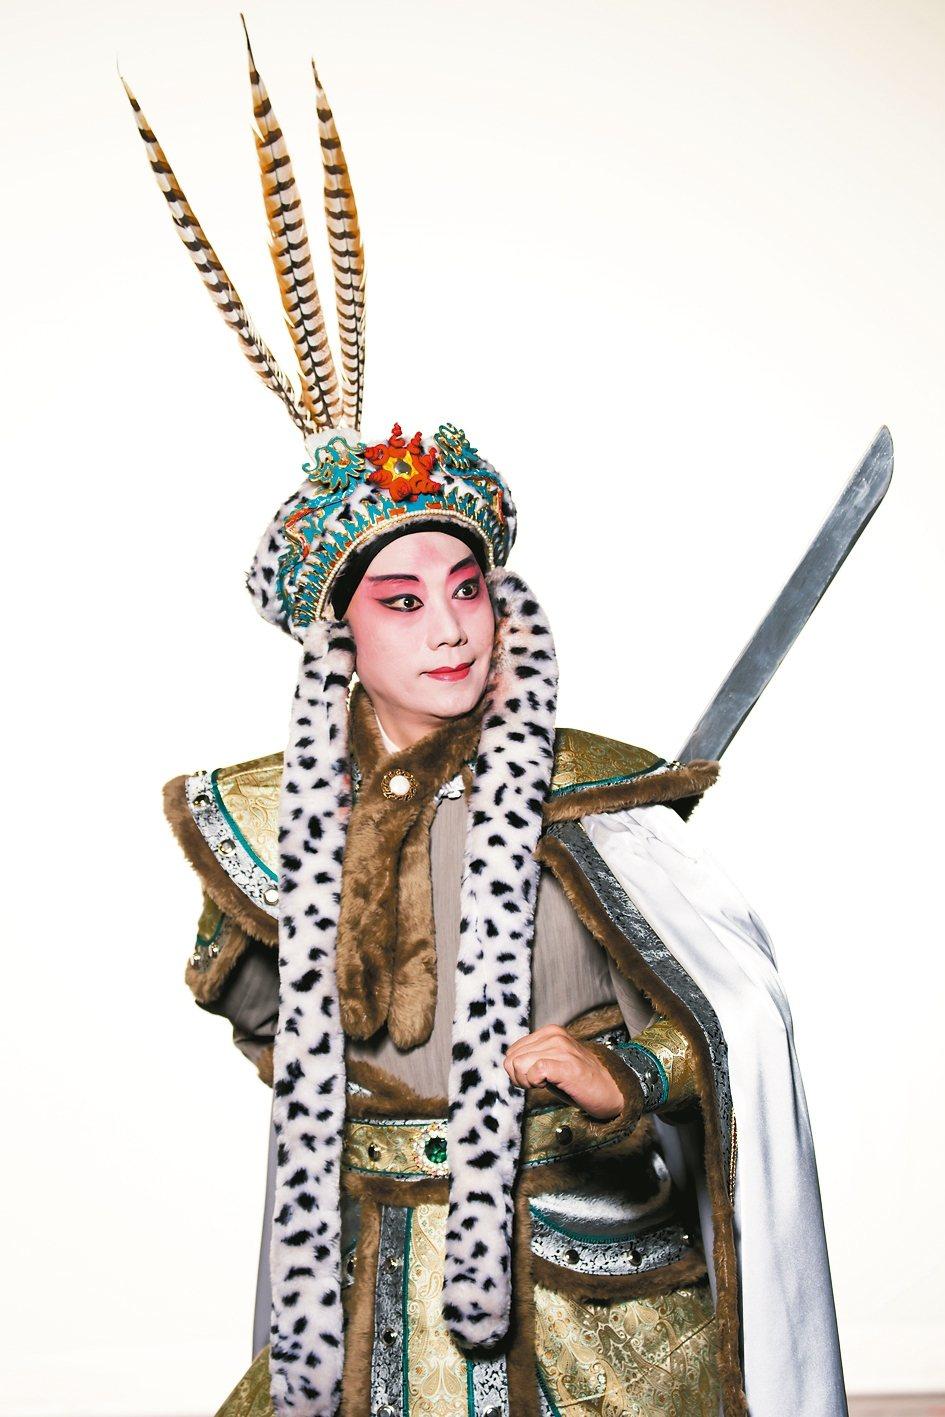 趙揚強在《蔡文姬》擔綱演出。 圖/國立台灣戲曲學院提供